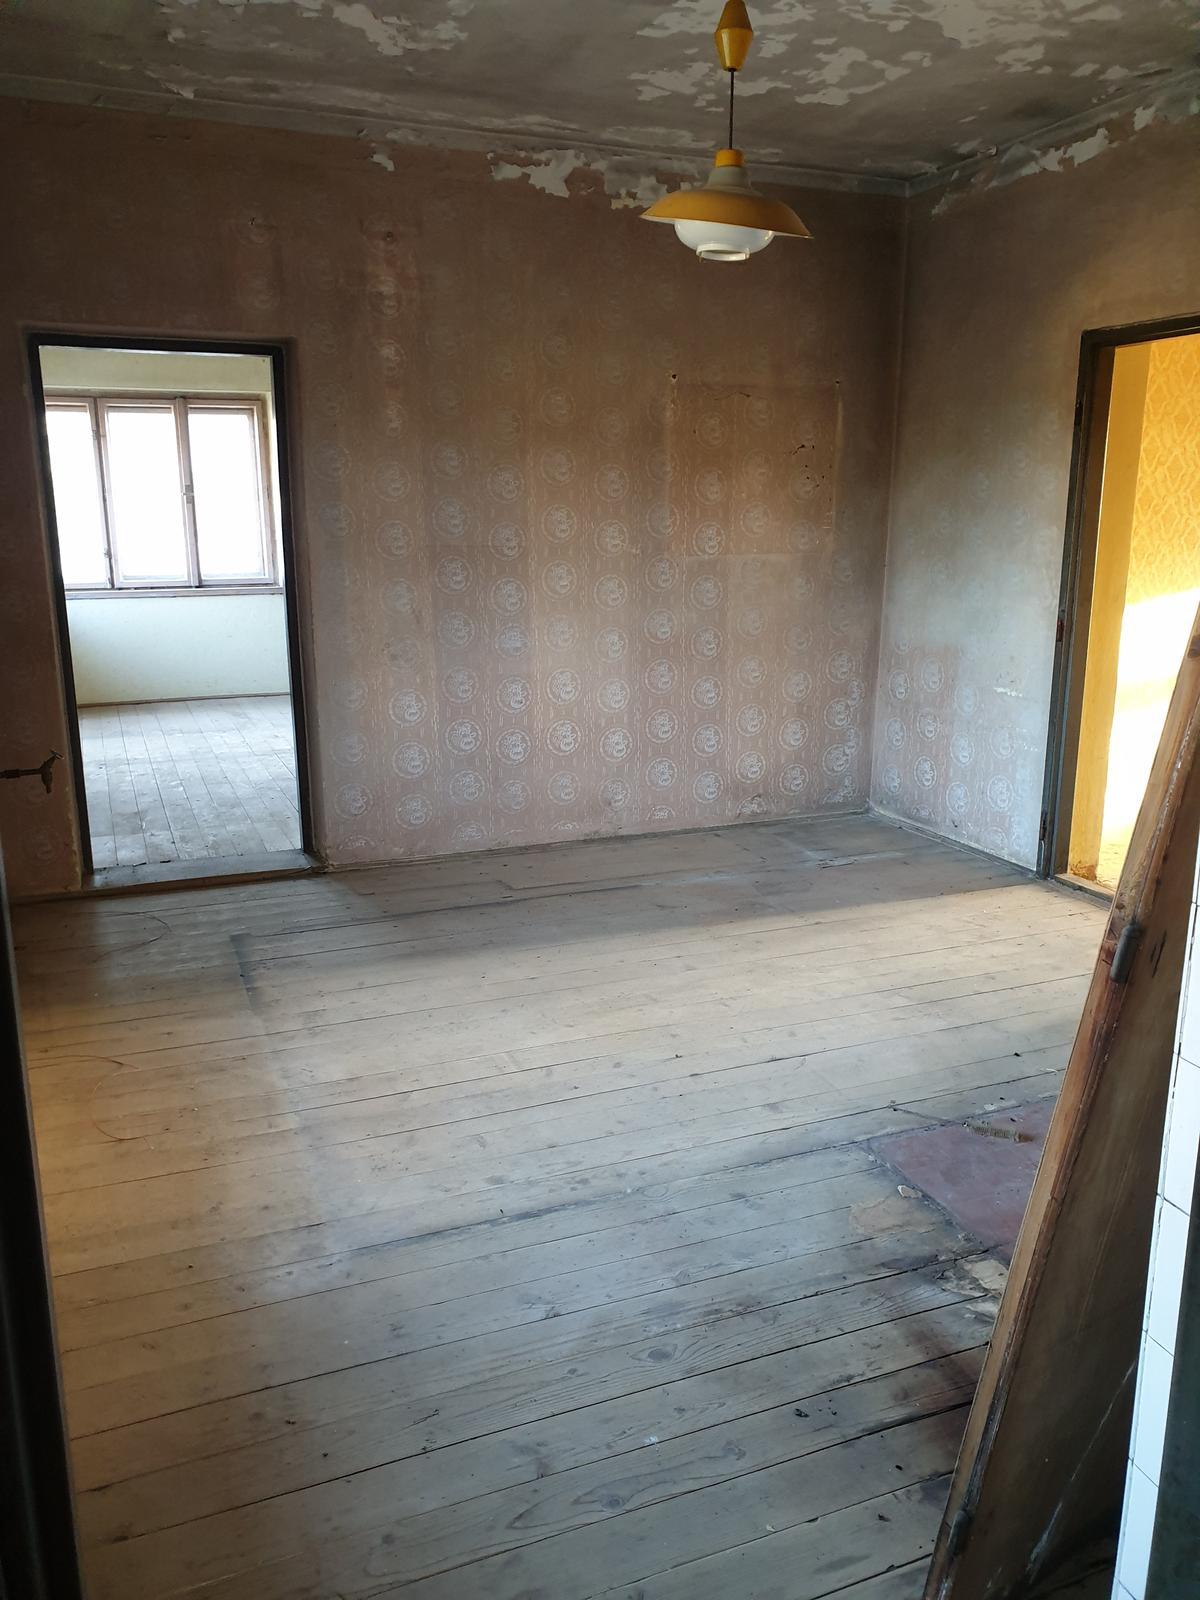 Rekonštrukcia domu-alebo chceme si splniť sen =》🏠🌻🌼🐶  mat domcek a vratit sa na Slovensko - pohlad z hostovskej izby do mojej pracovne po pravej strane chodba a oproti bude kuchyna